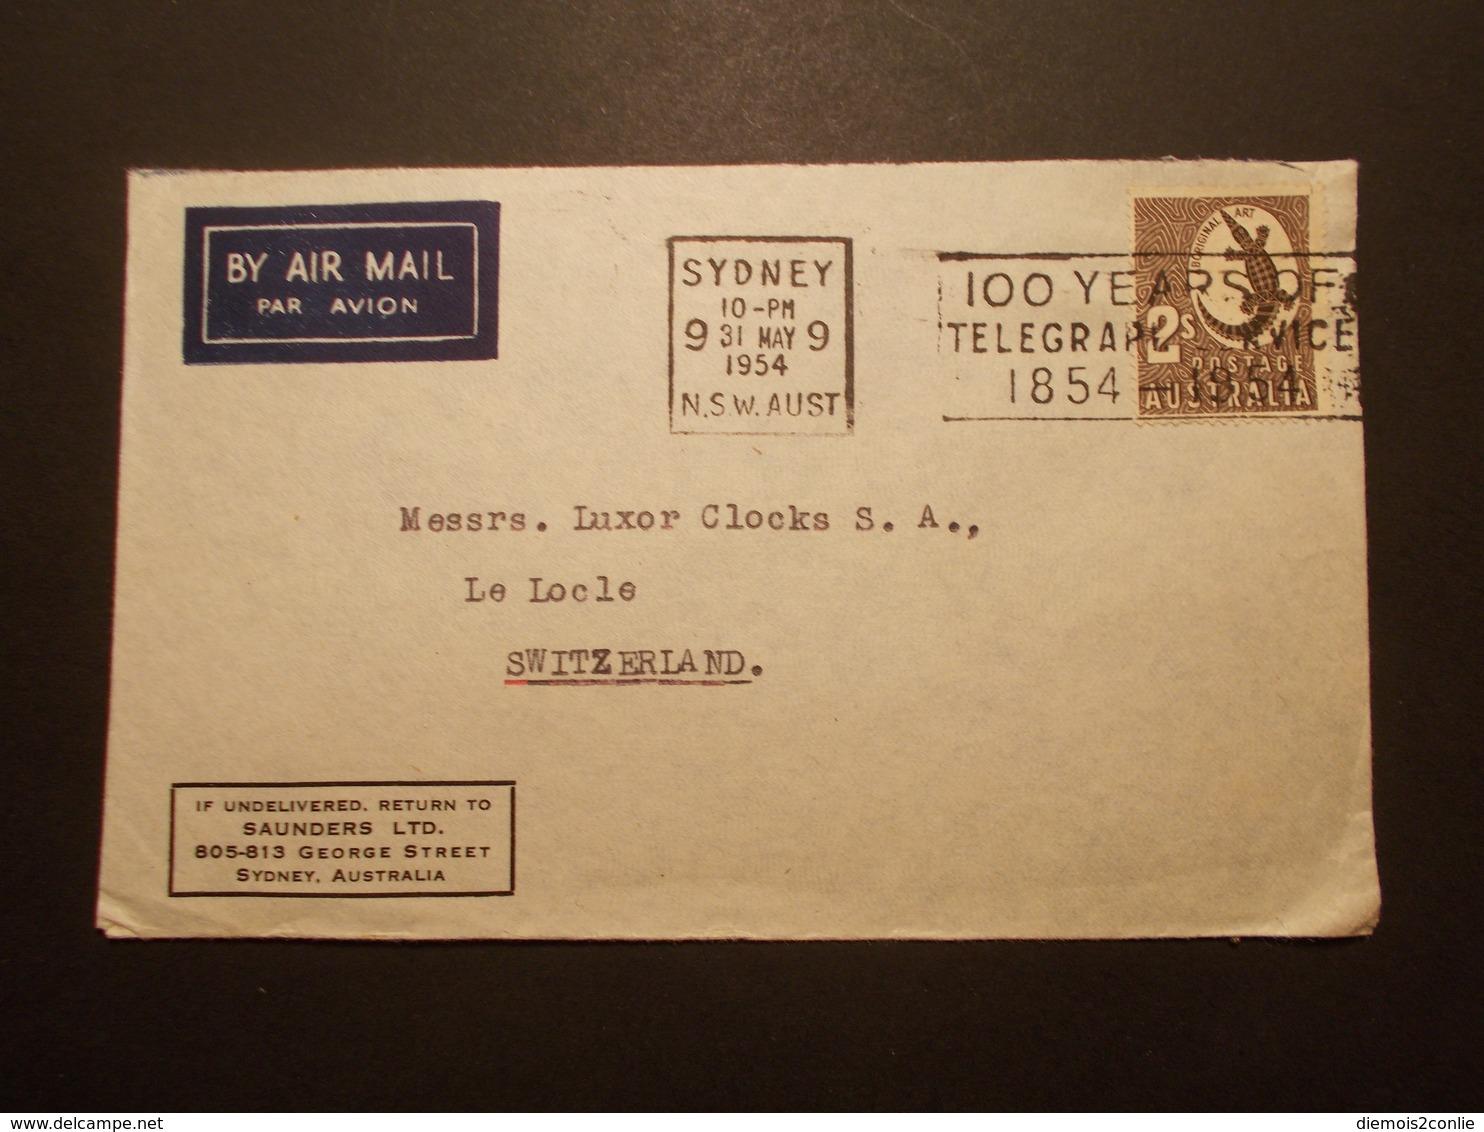 Marcophilie  Cachet Lettre Obliteration - Enveloppe AUSTRALIE Destination SUISSE - 1954 - (1879) - Marcophilie